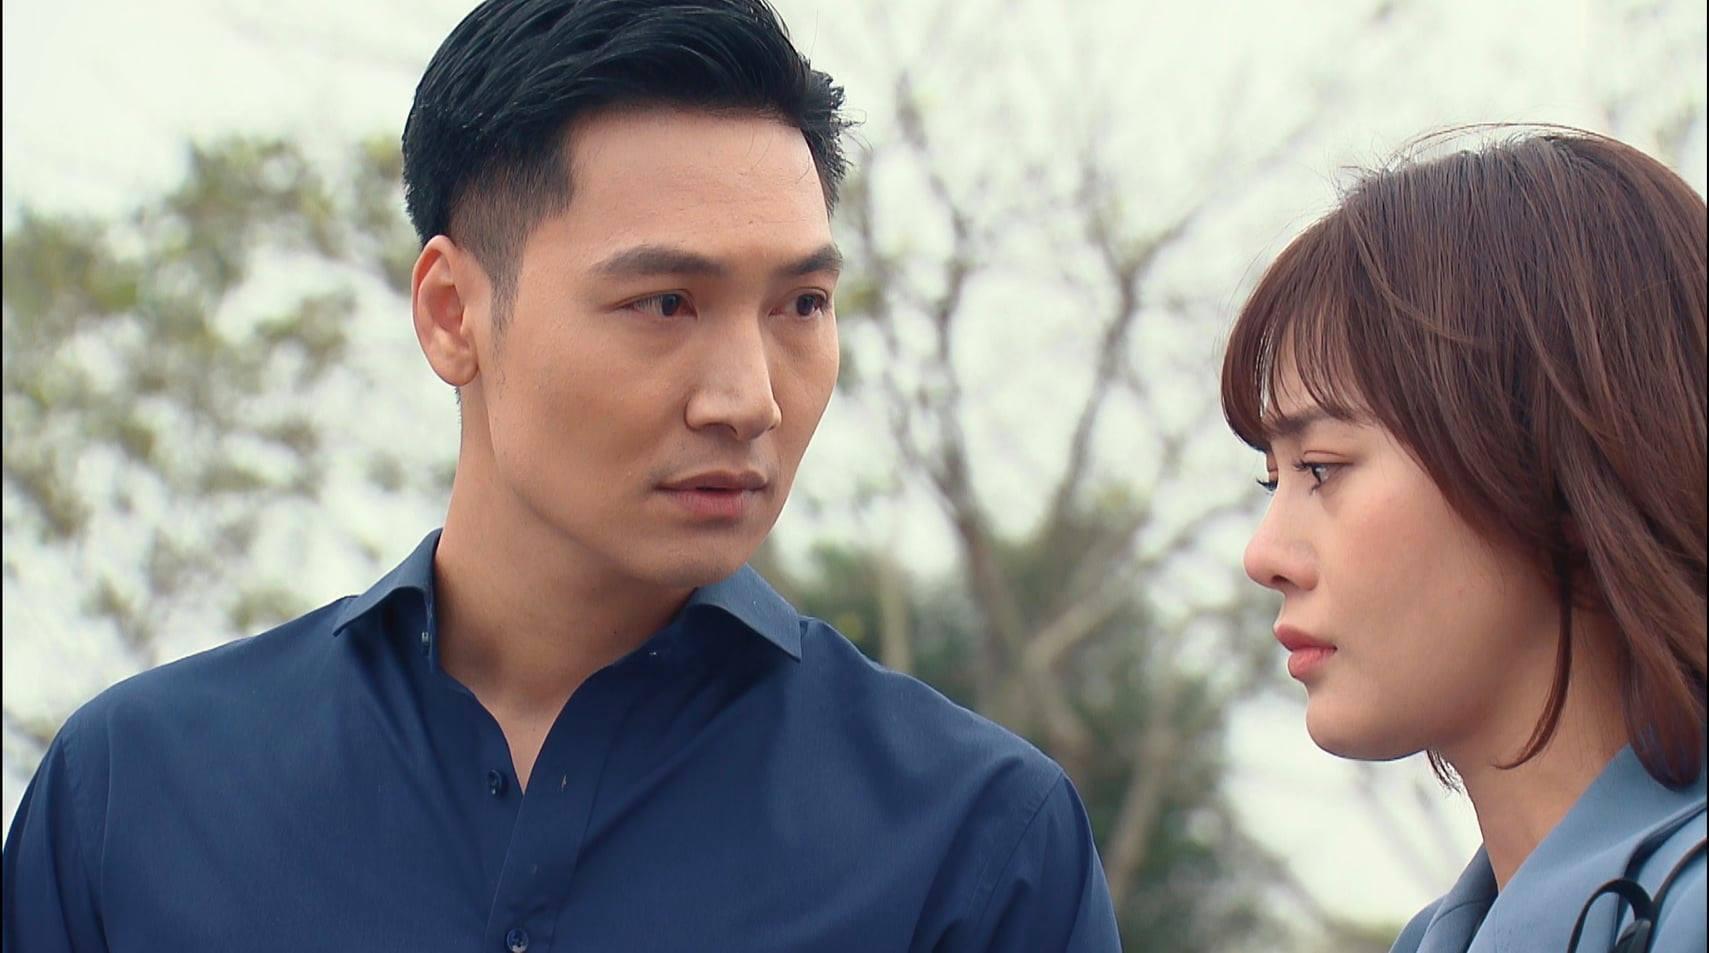 Thái độ của Mạnh Trường khi vợ bị so sánh với Phương Oanh: Khác hẳn với Shark Long 'Hương vị tình thân' 1